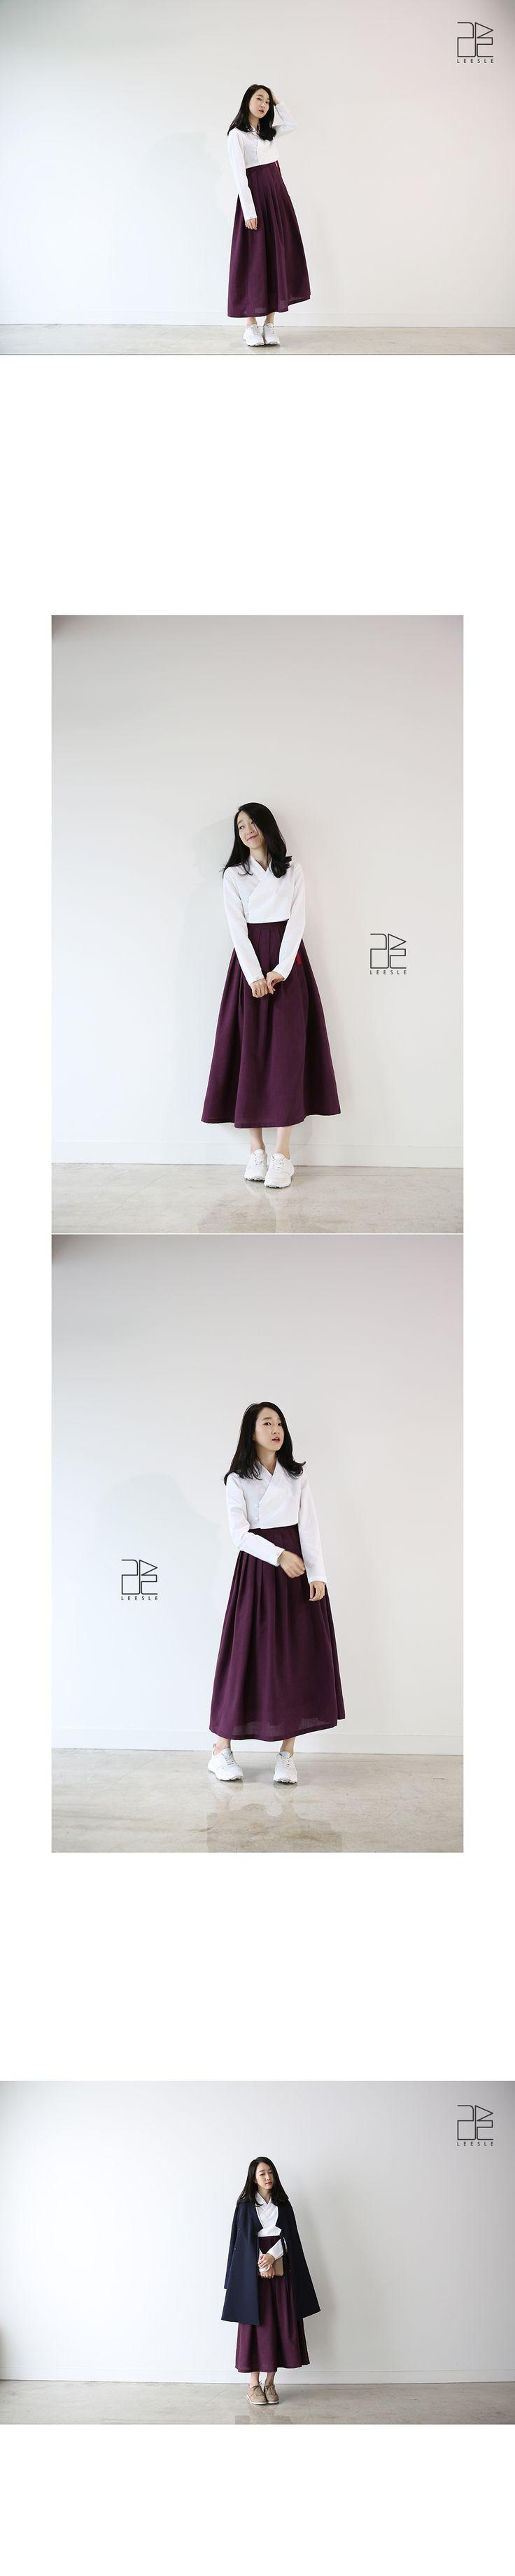 편안하고 친근한 생활한복, 신한복 디자인 브랜드